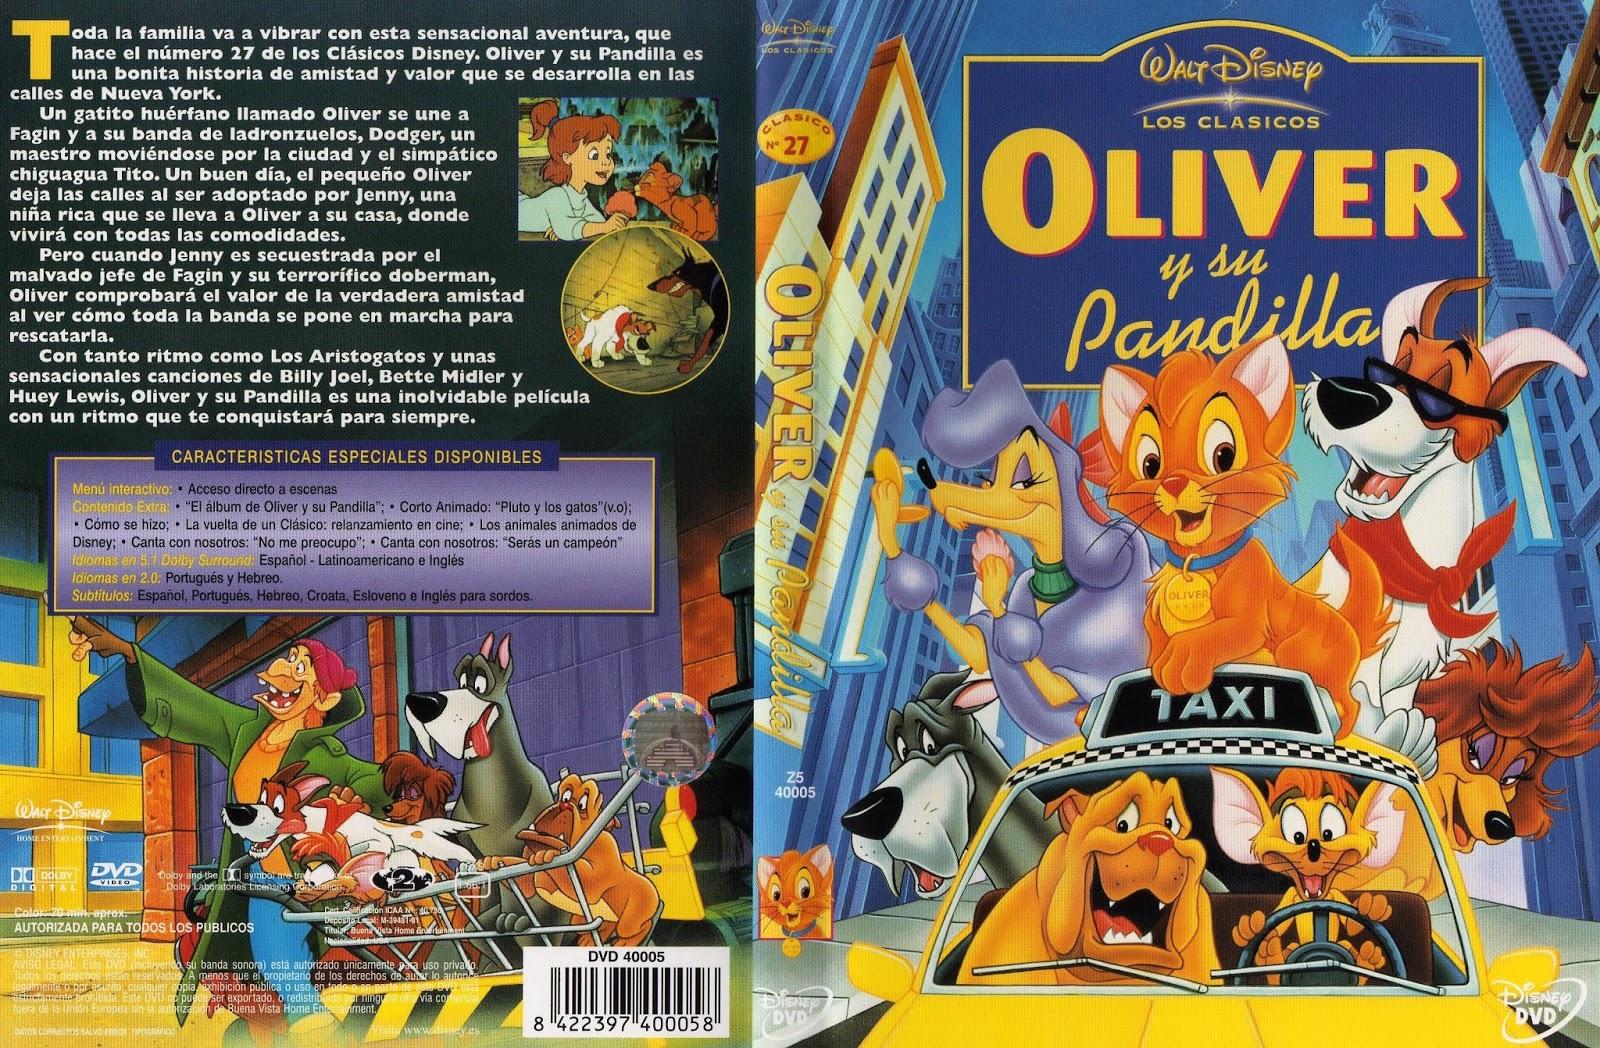 Oliver y su pandilla ( 1988 ) DescargaCineClasico.Net